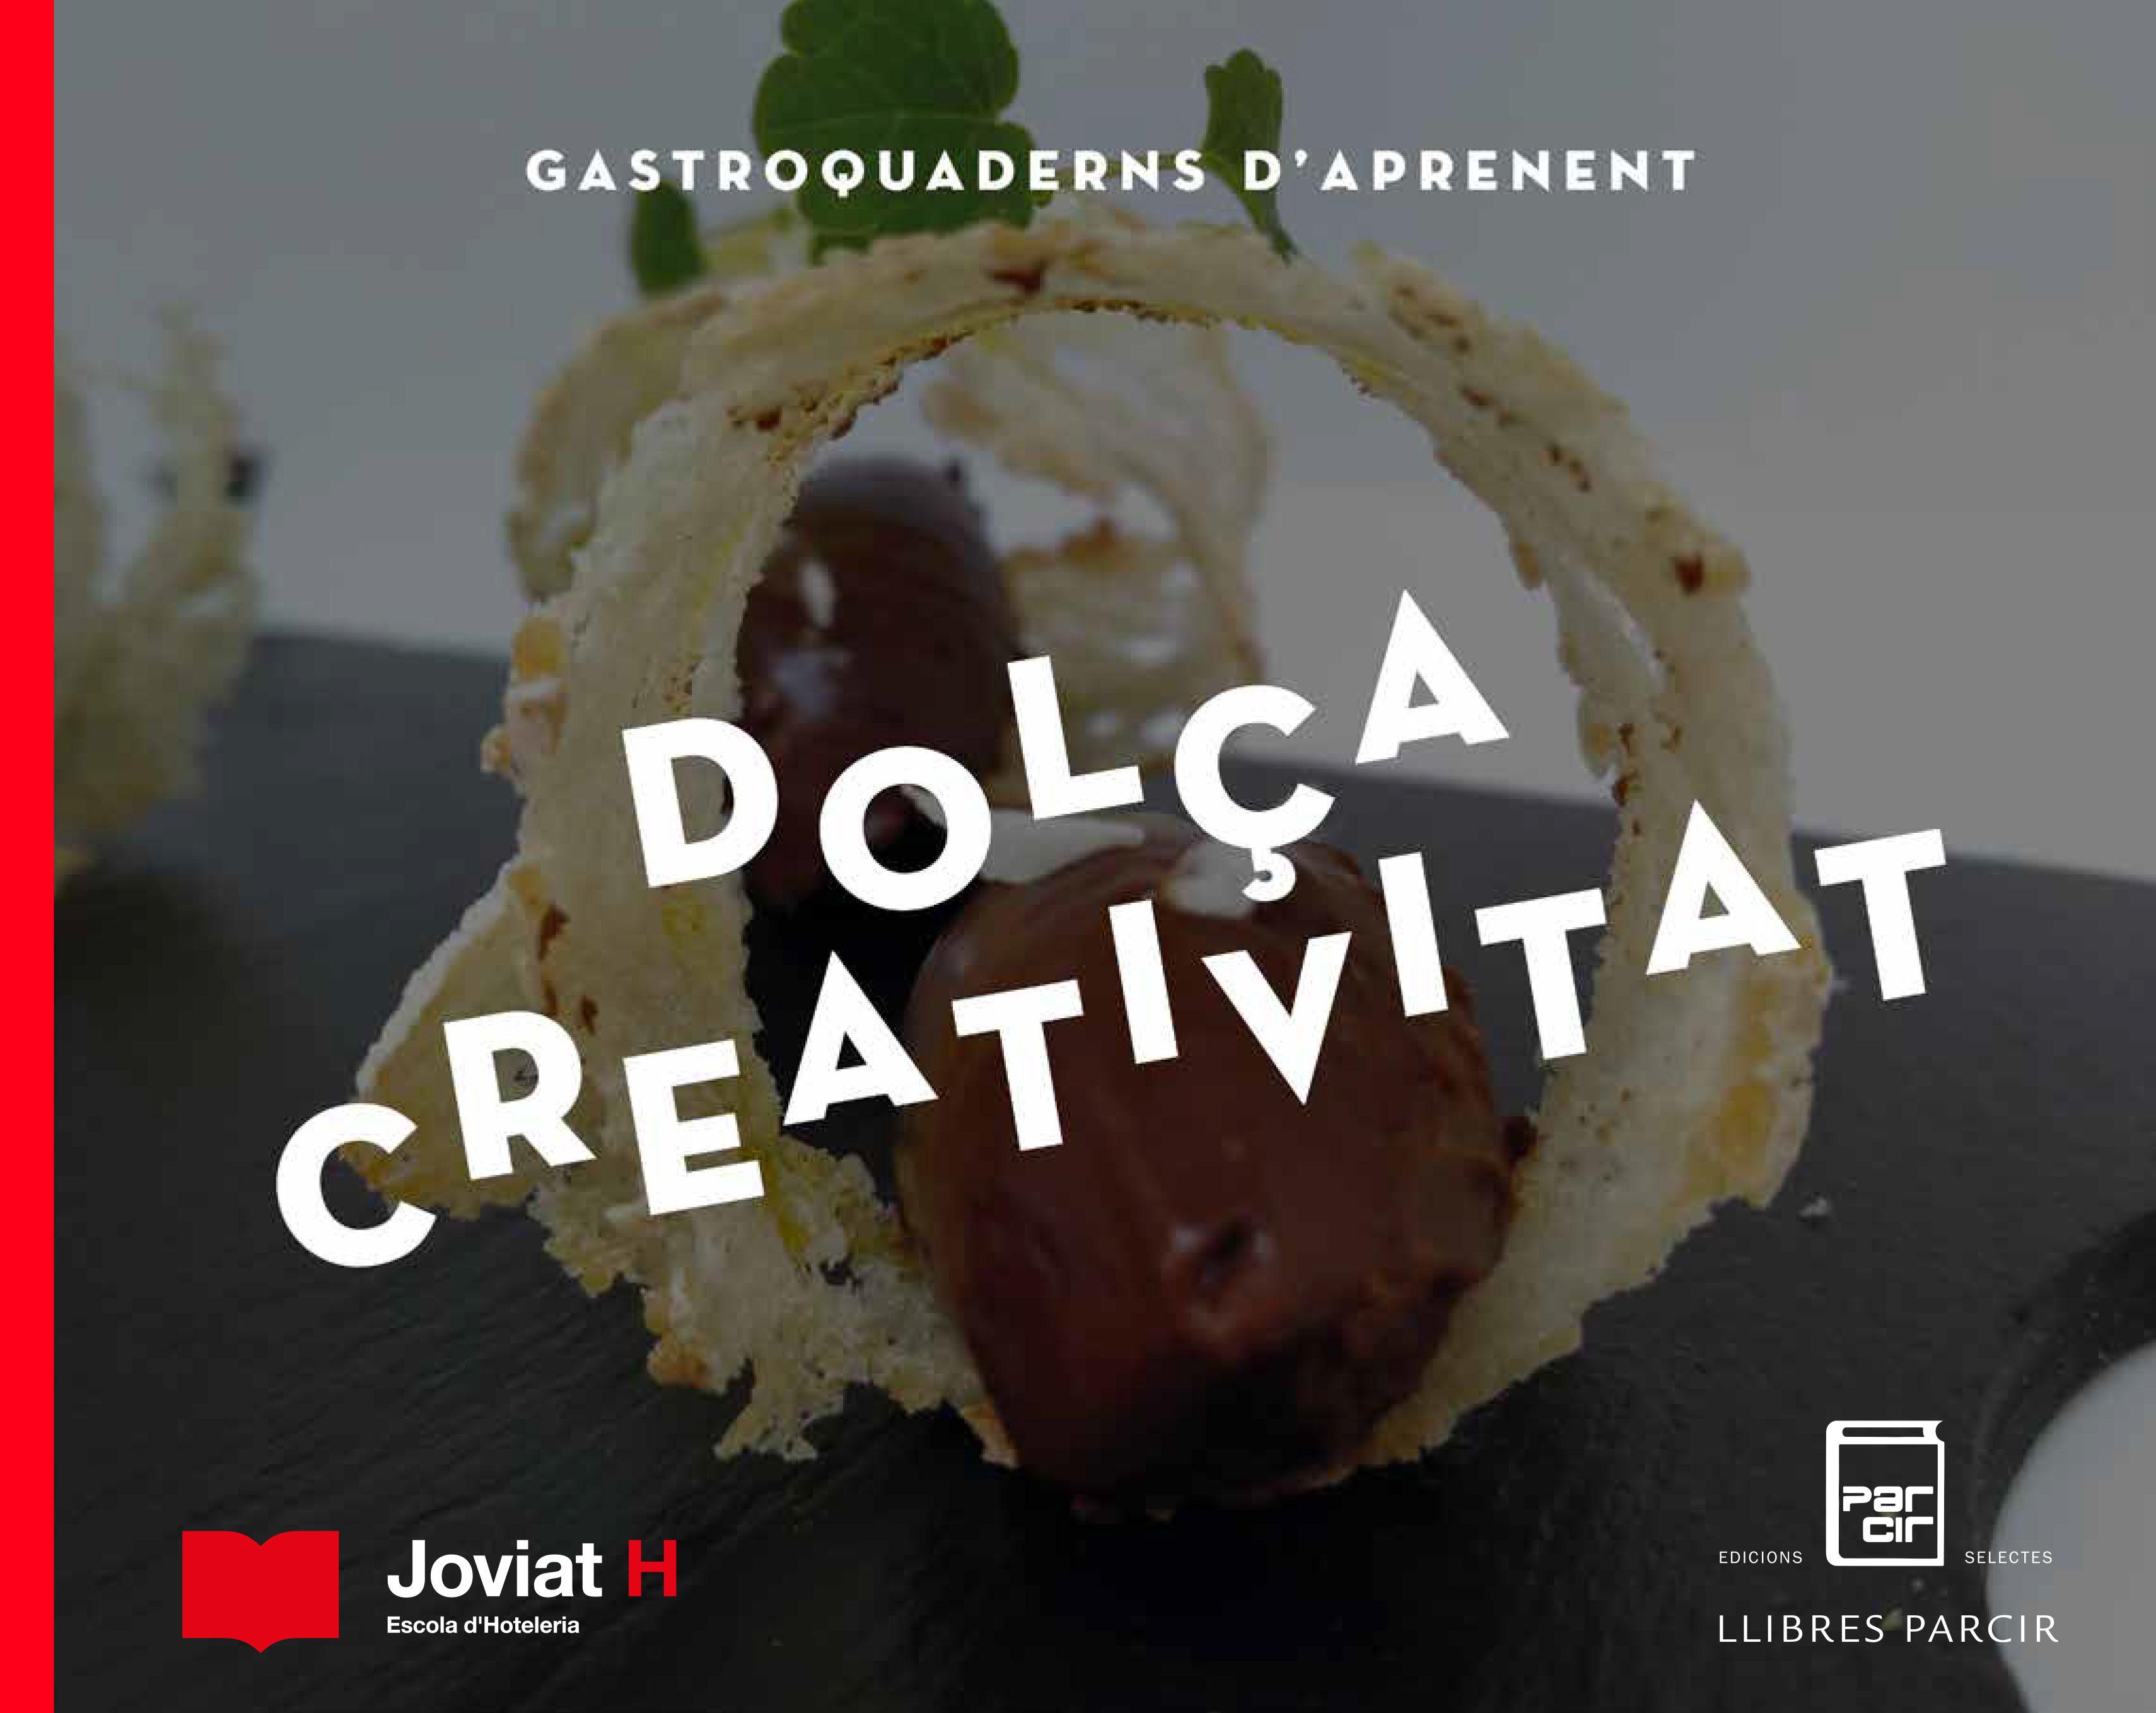 DOLÇA CREATIVITAT